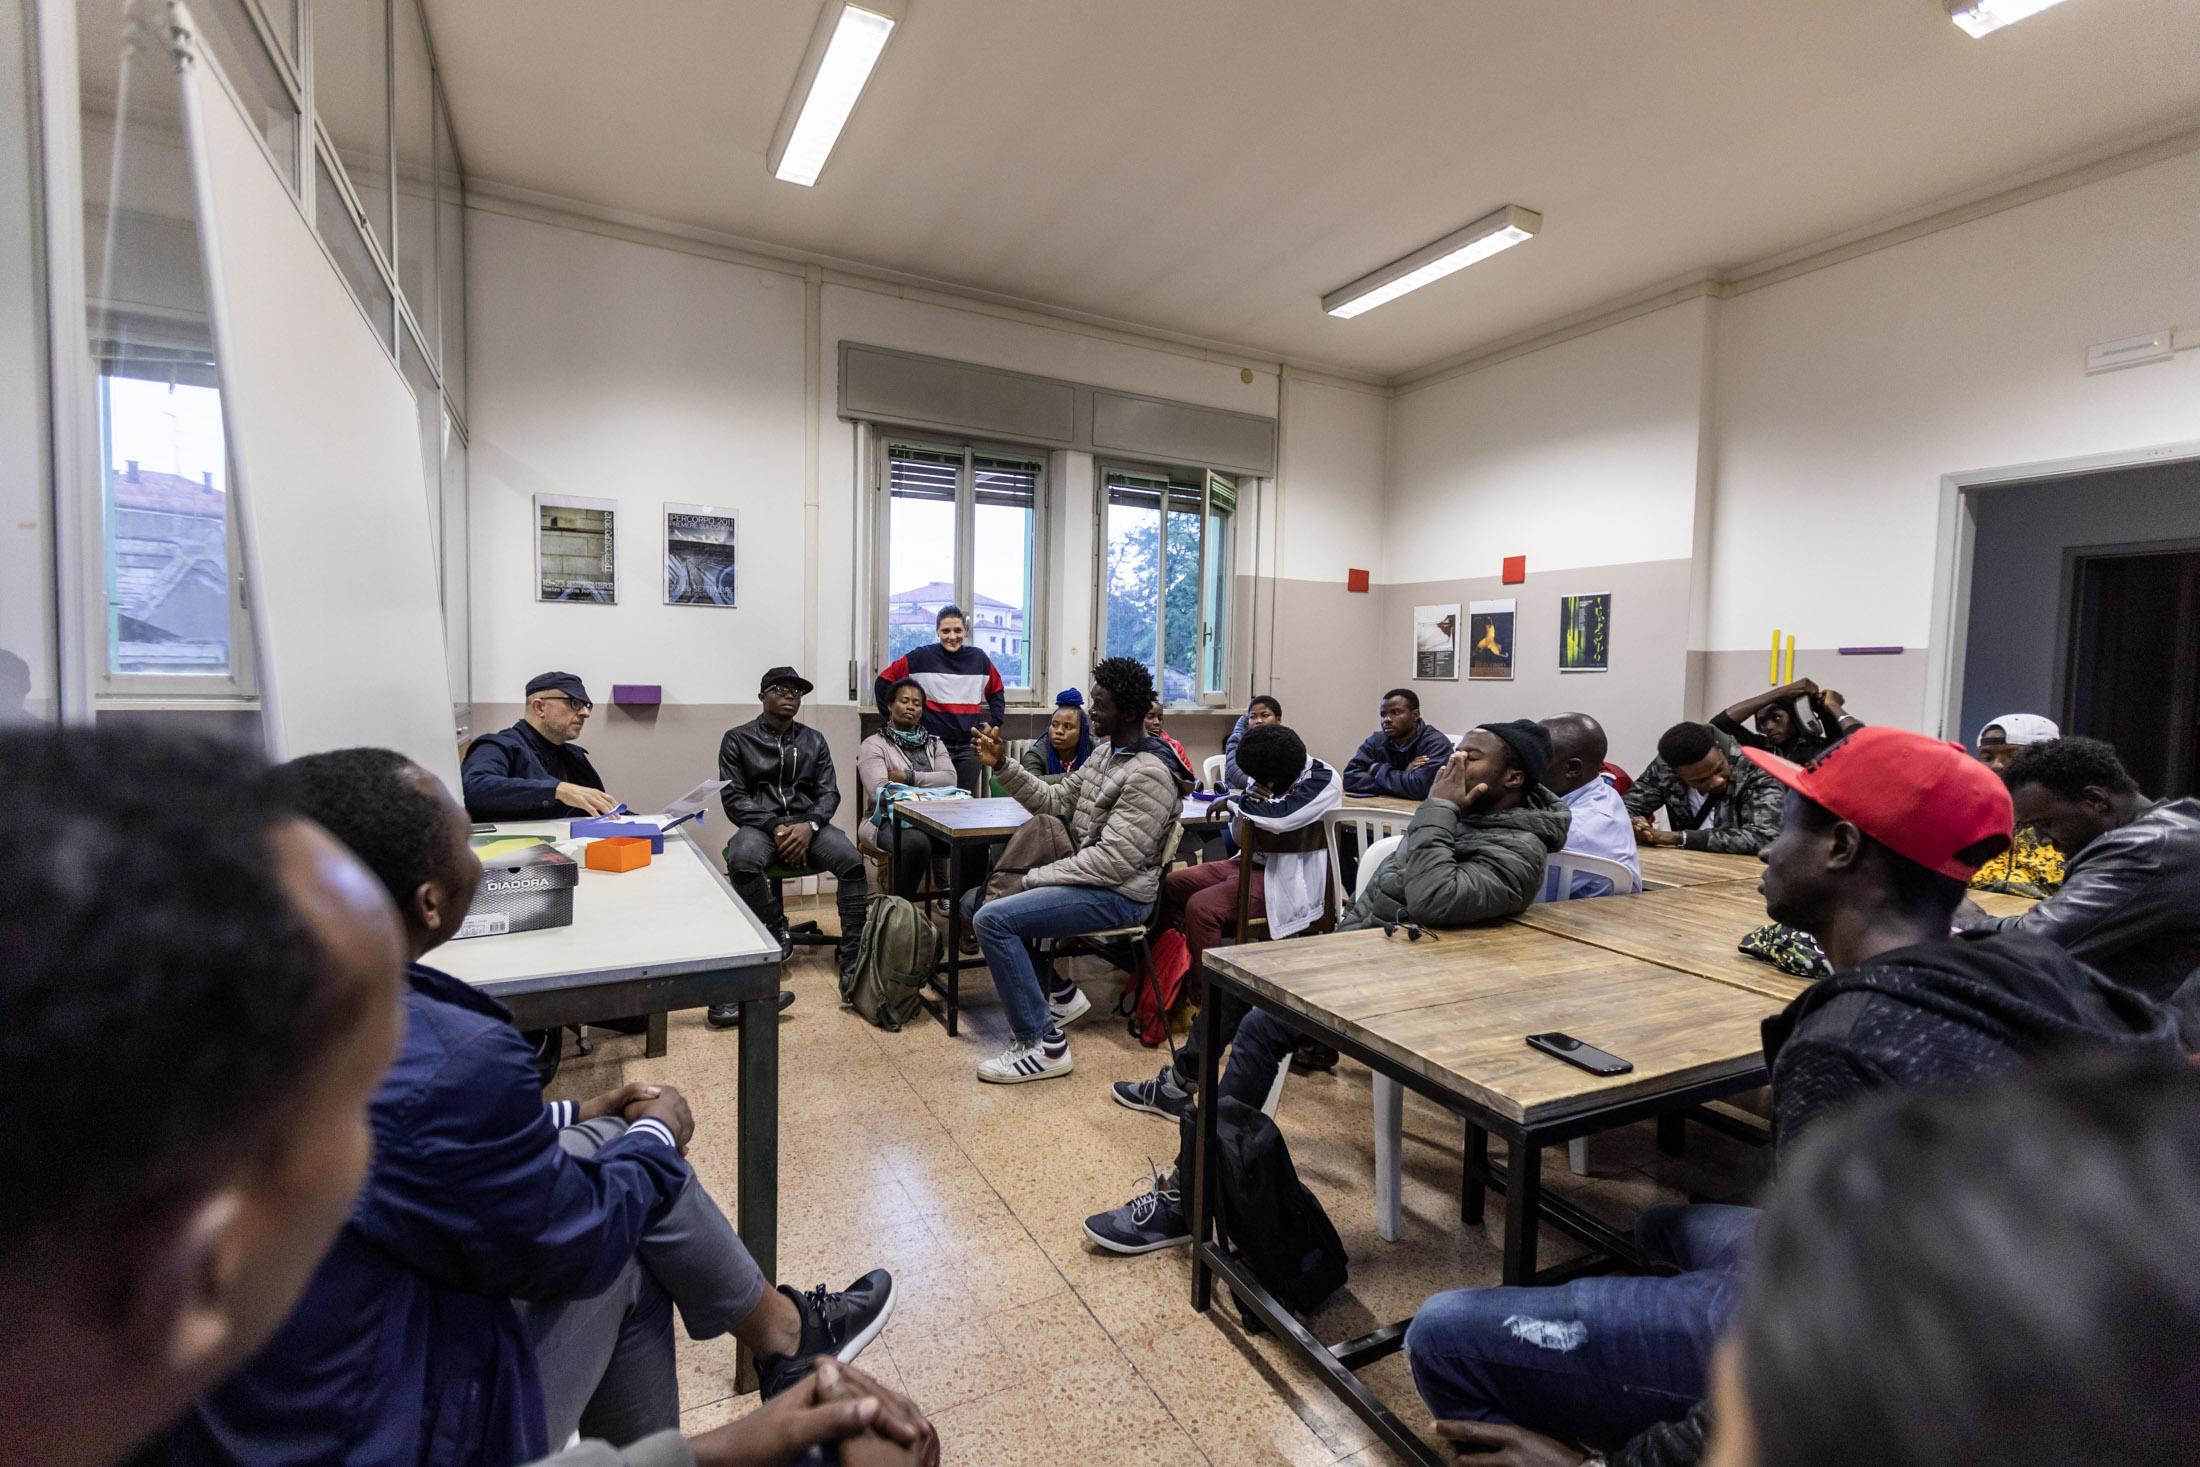 Flavio Favelli, Seminario di esercitazione artistica con migranti africani, Forlì. Foto di Gianluca Camporesi